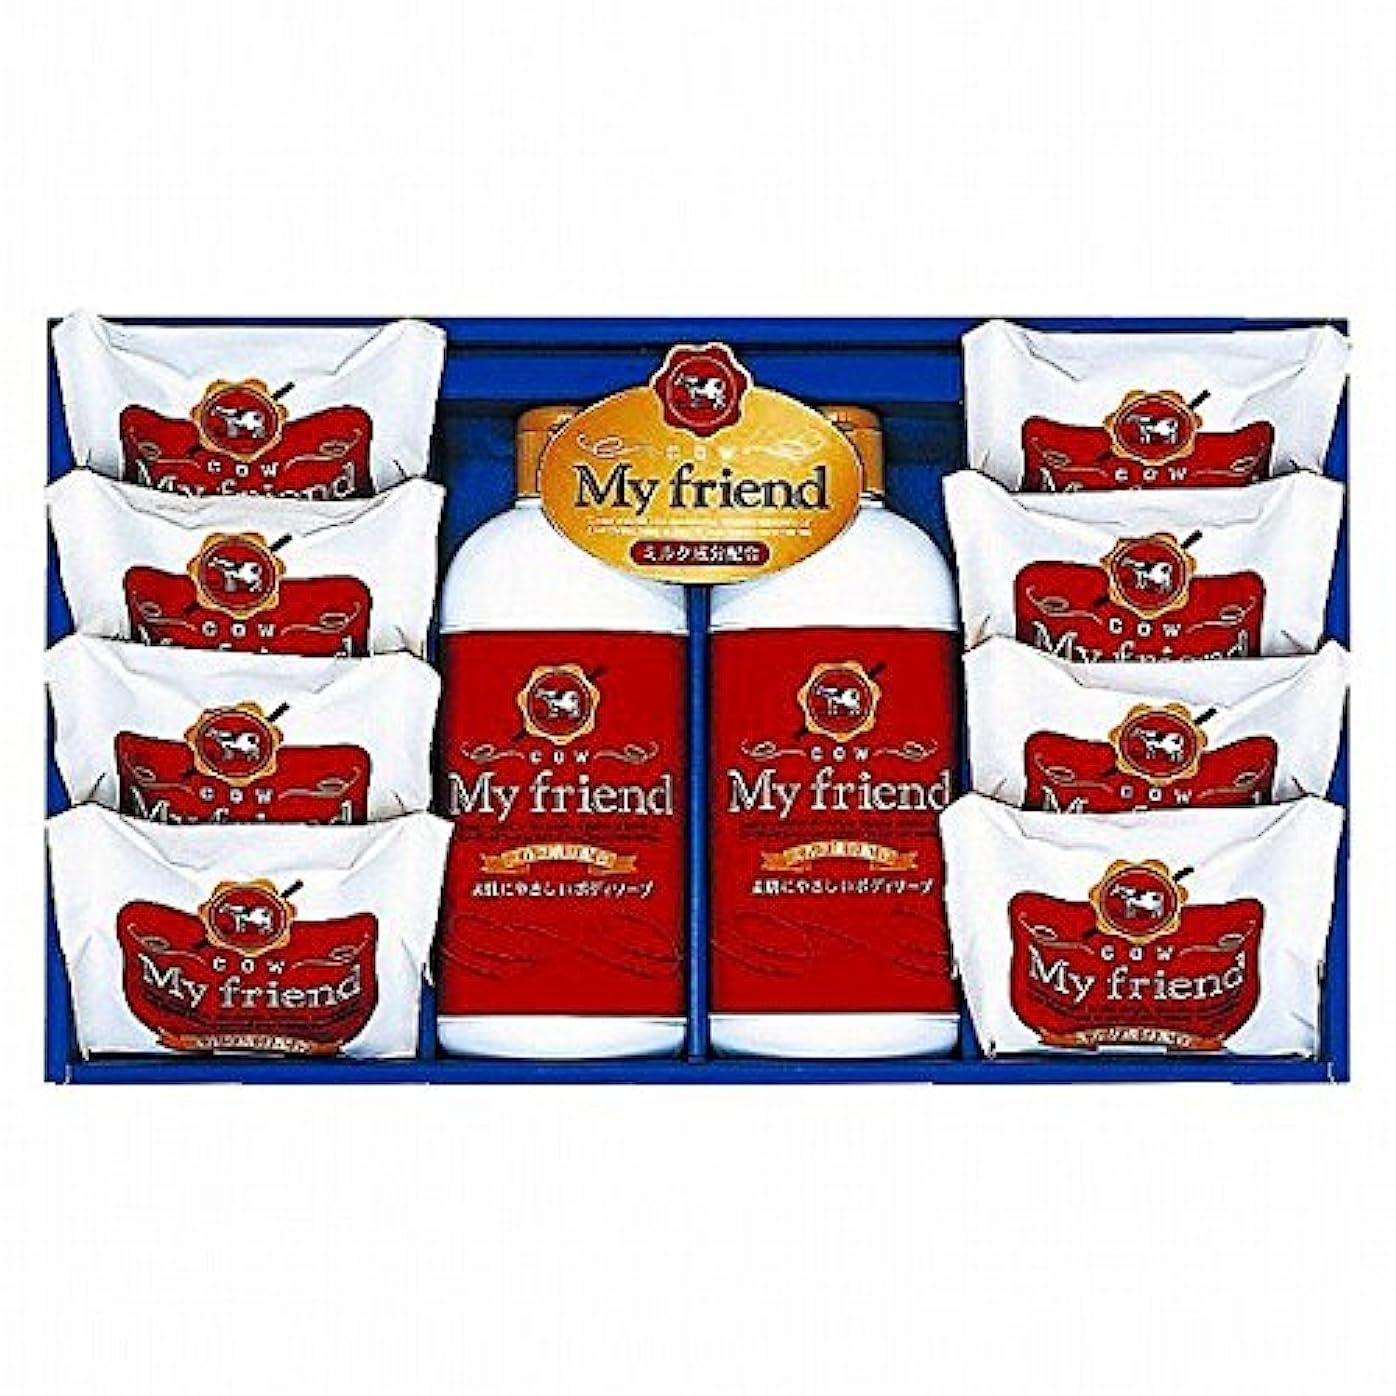 偽善かき混ぜる回るnobrand 牛乳石鹸 マイフレンドボディソープセット (21940009)